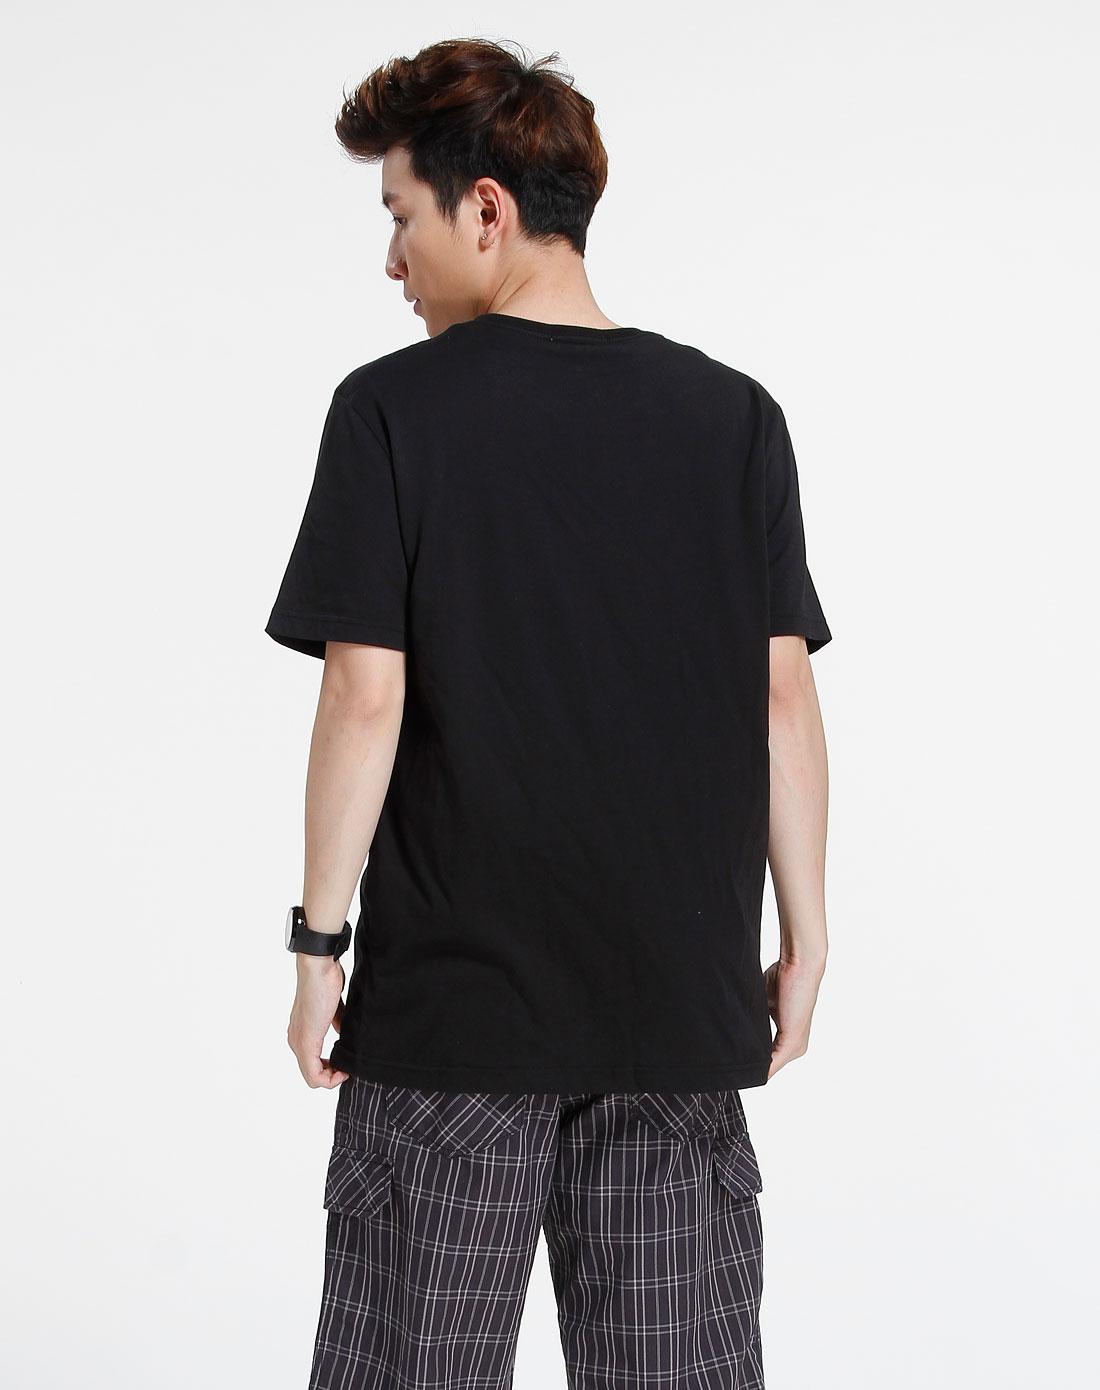 森马-男装黑色时尚个性短袖t恤002151088-900图片